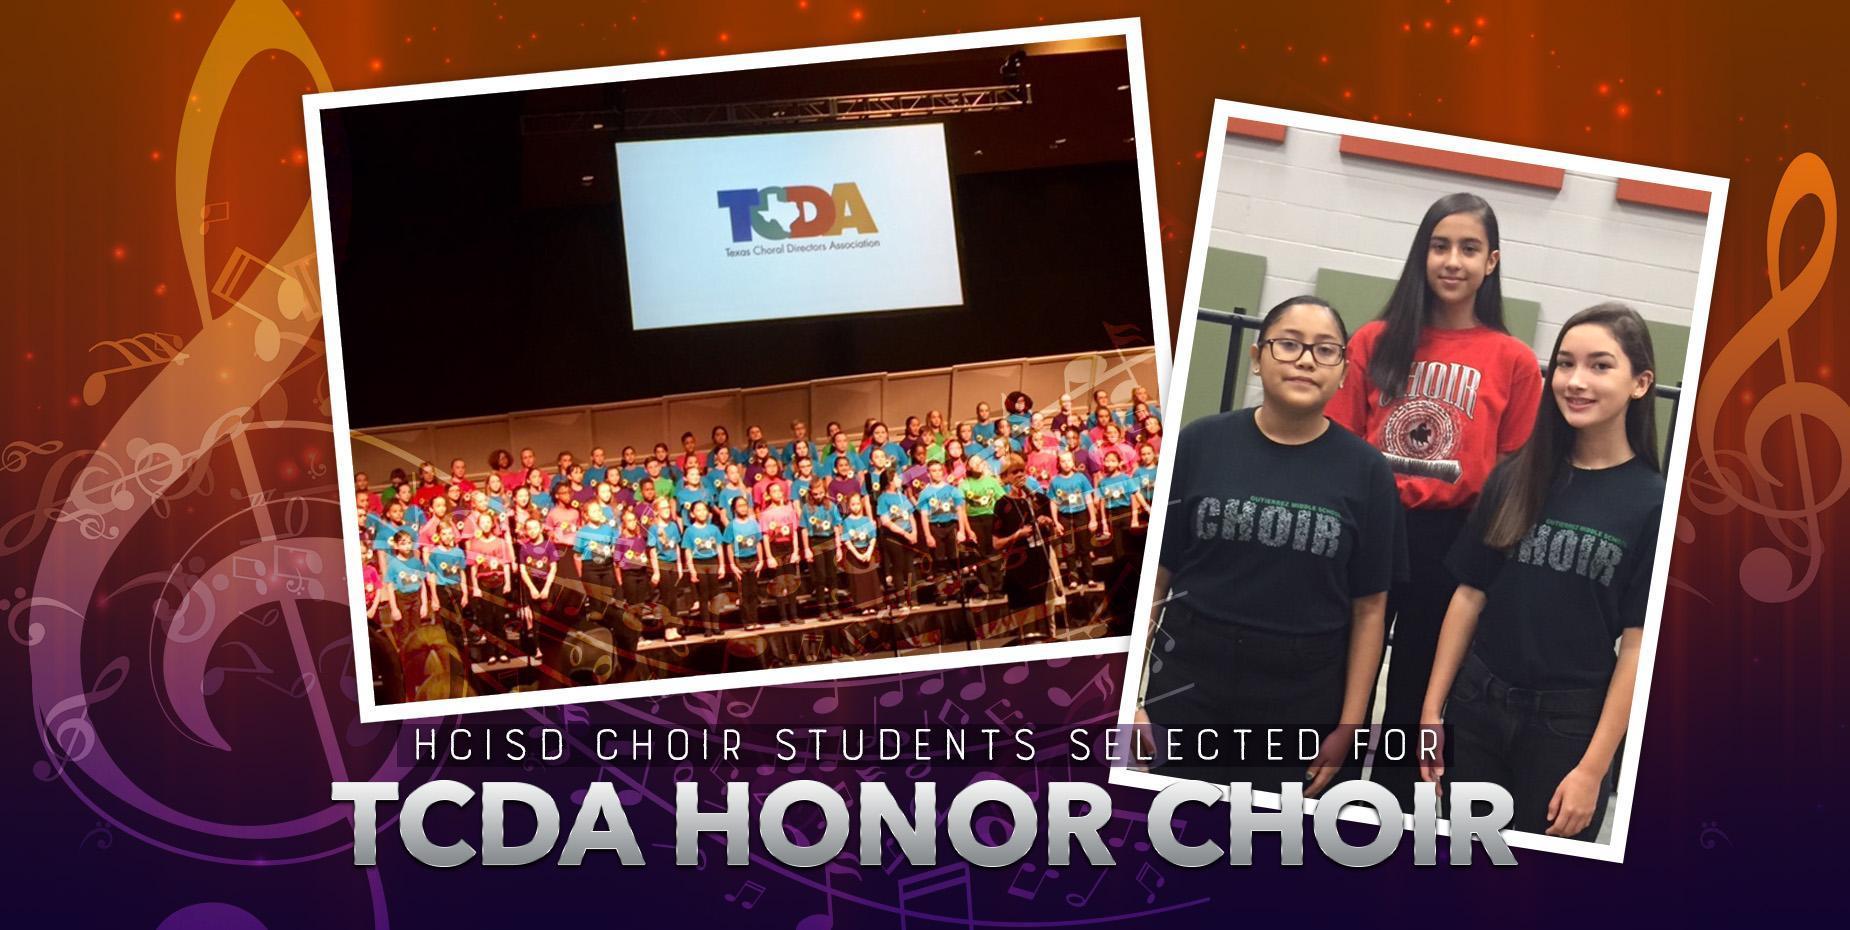 HCISD choir students selected for TCDA Honor Choir